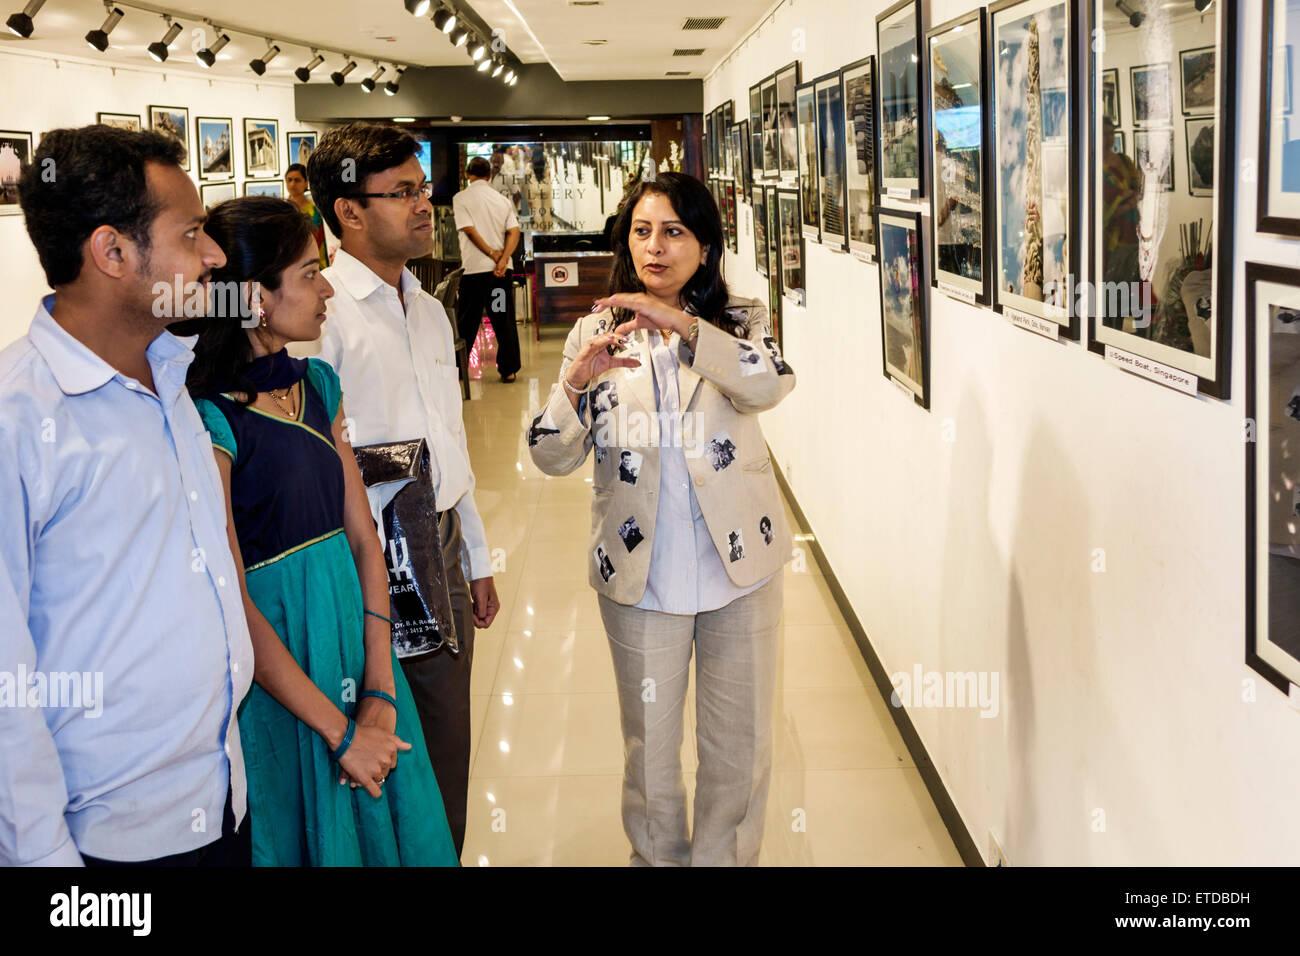 Mumbai India Indian Asian Fort Mumbai Kala Ghoda Jehangir Art Gallery contemporary photography by Sangita Joshi - Stock Image